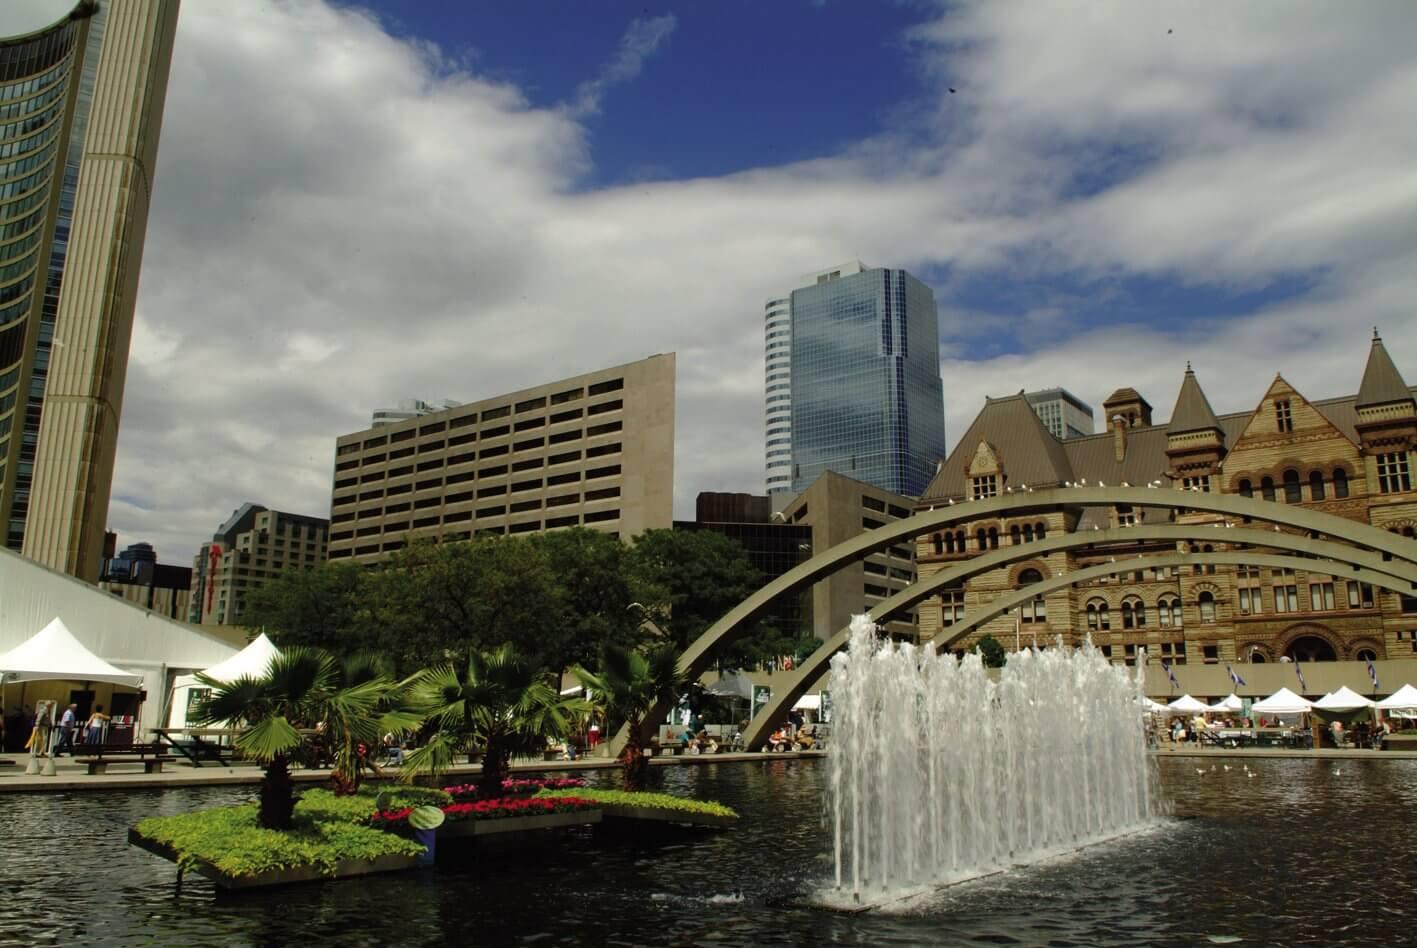 Aprender inglés en uno de las ciudades más hermosas y seguras del mundo - Toronto es una ciudad acogedora y segura, un entorno perfecto para estudiar.